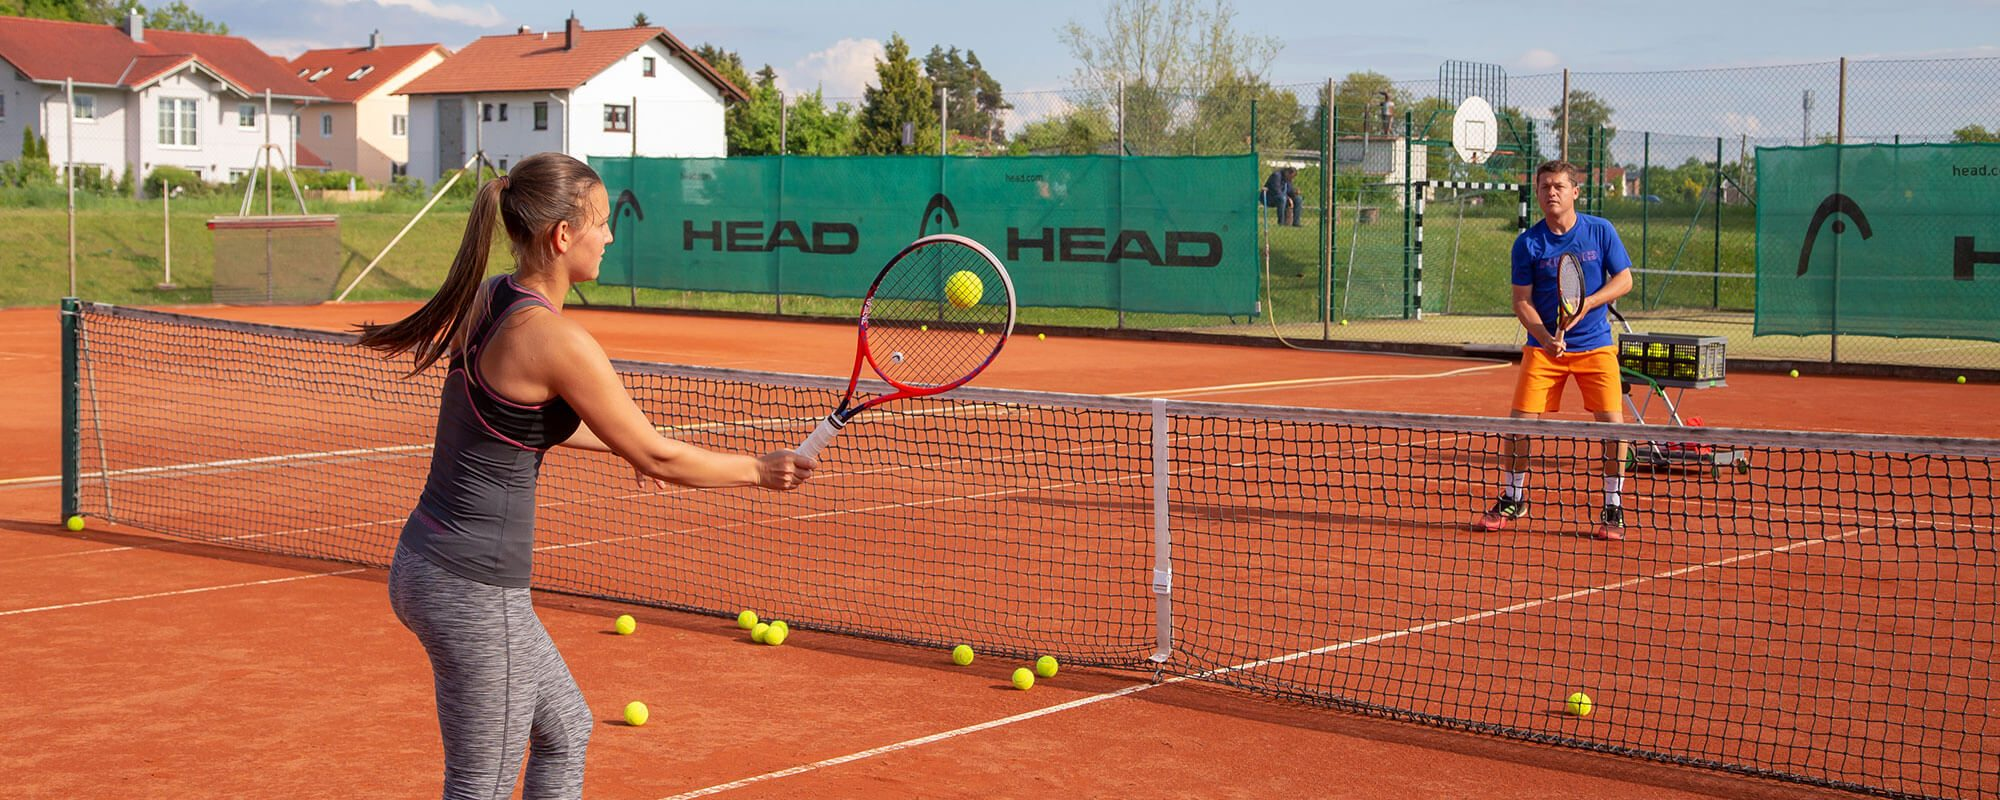 Einzel- und Gruppenunterricht | Tennisschule Knogler